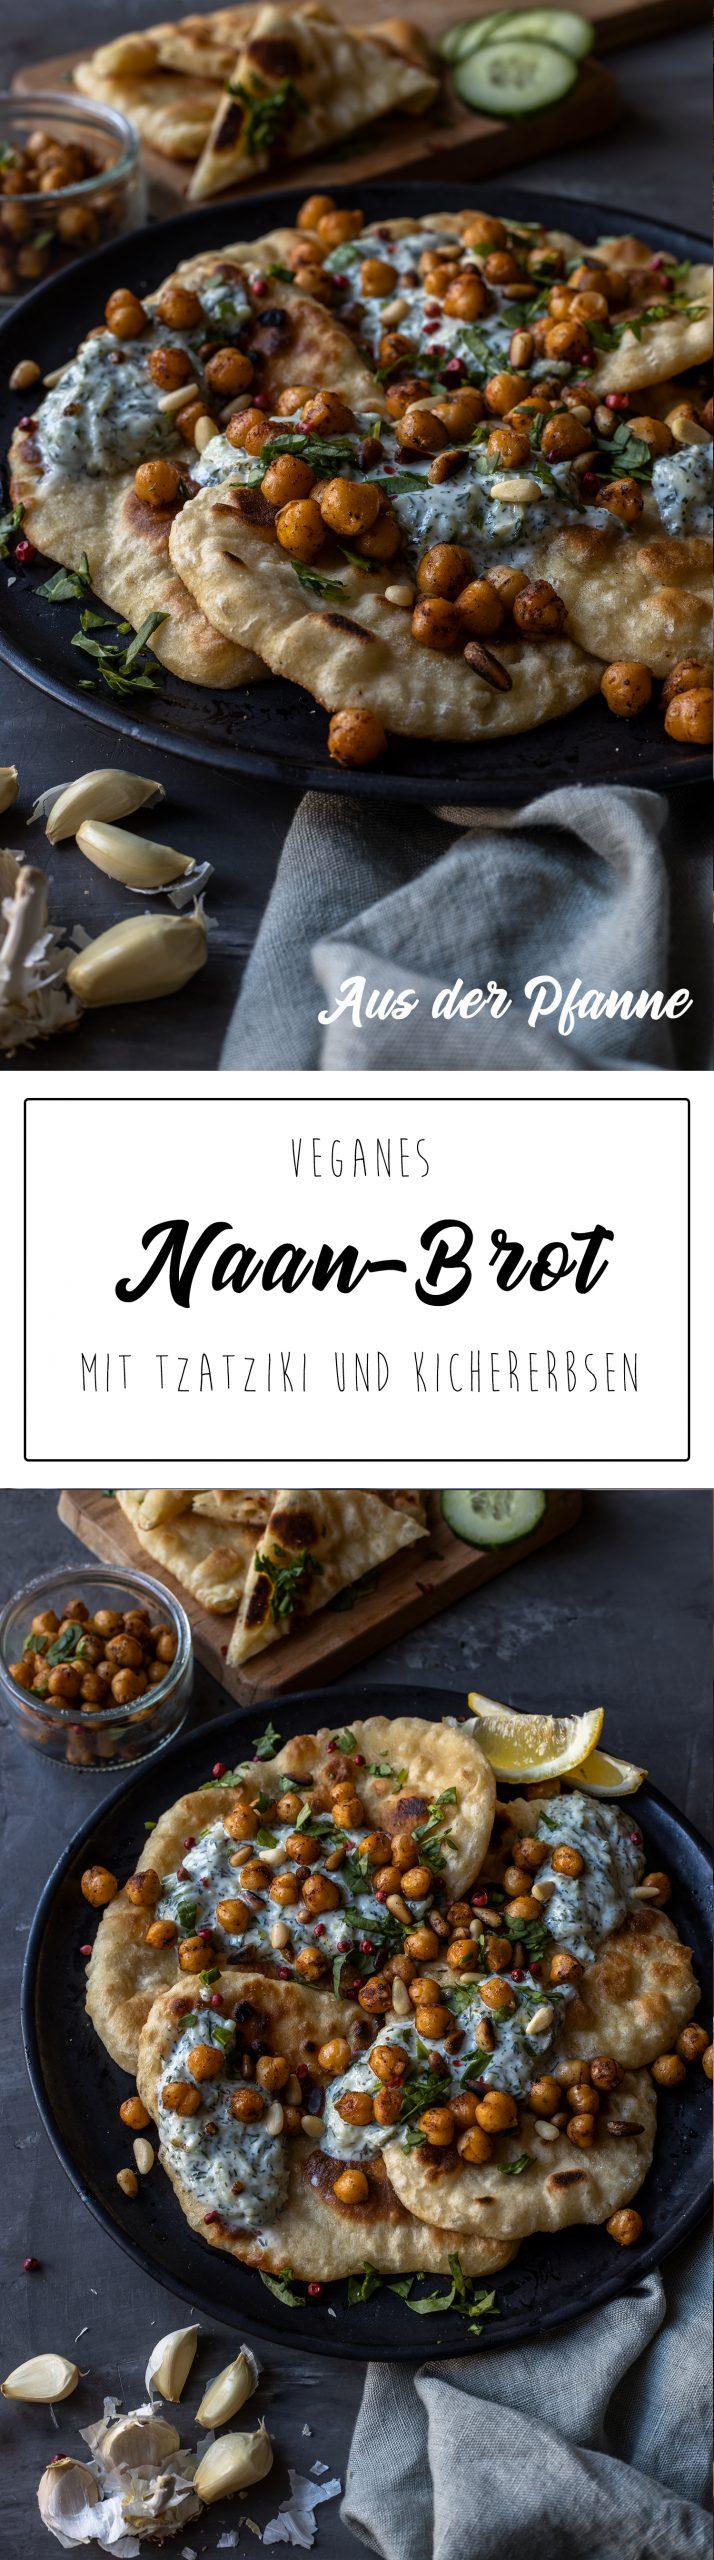 Veganes Naan Rezept Pinterest